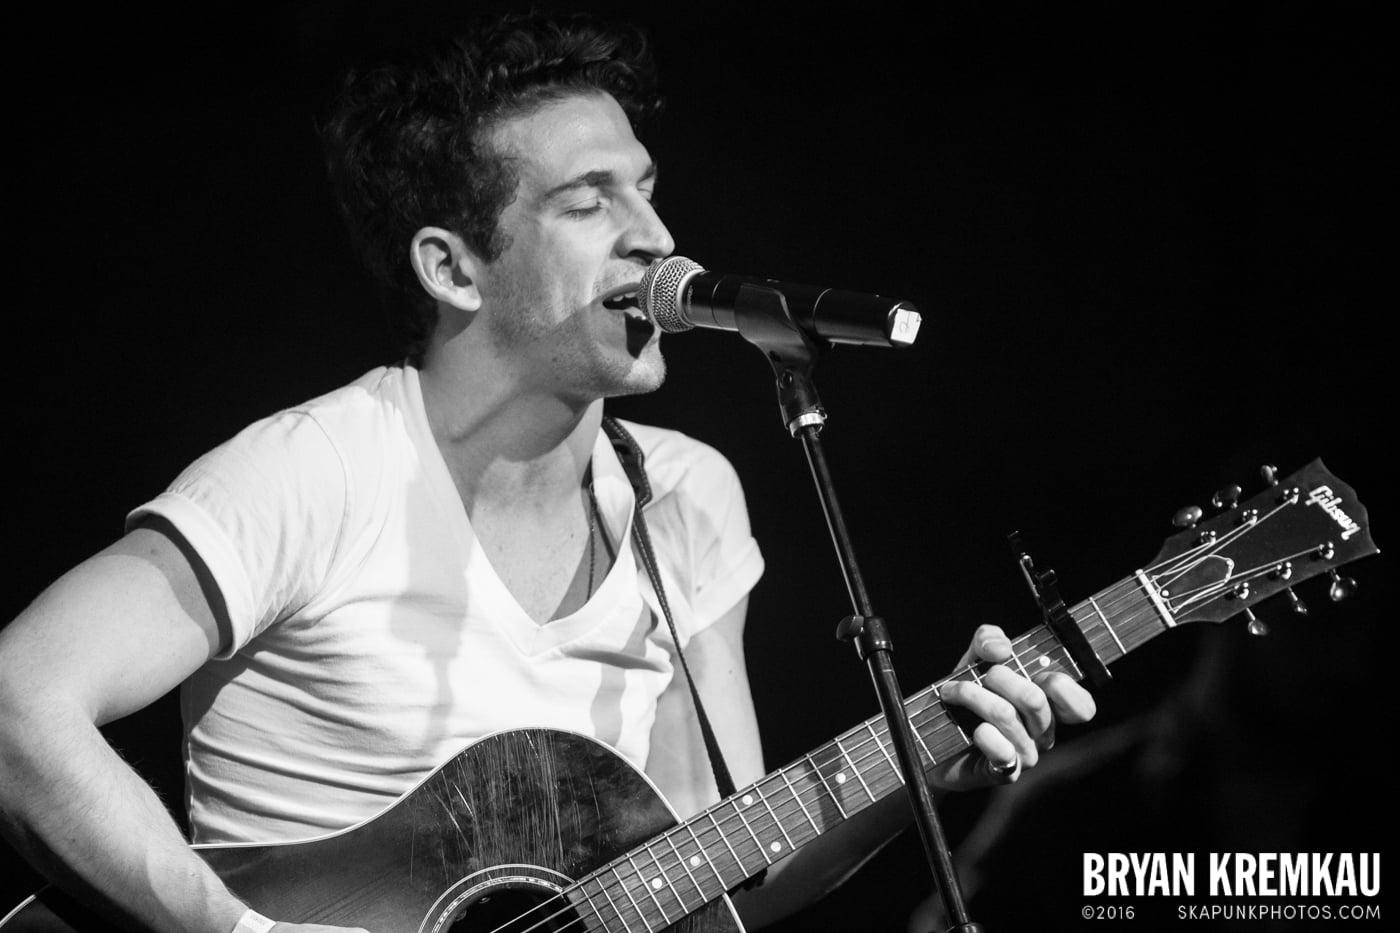 Matt Butler @ Highline Ballroom, NYC - 12.26.14 (18)